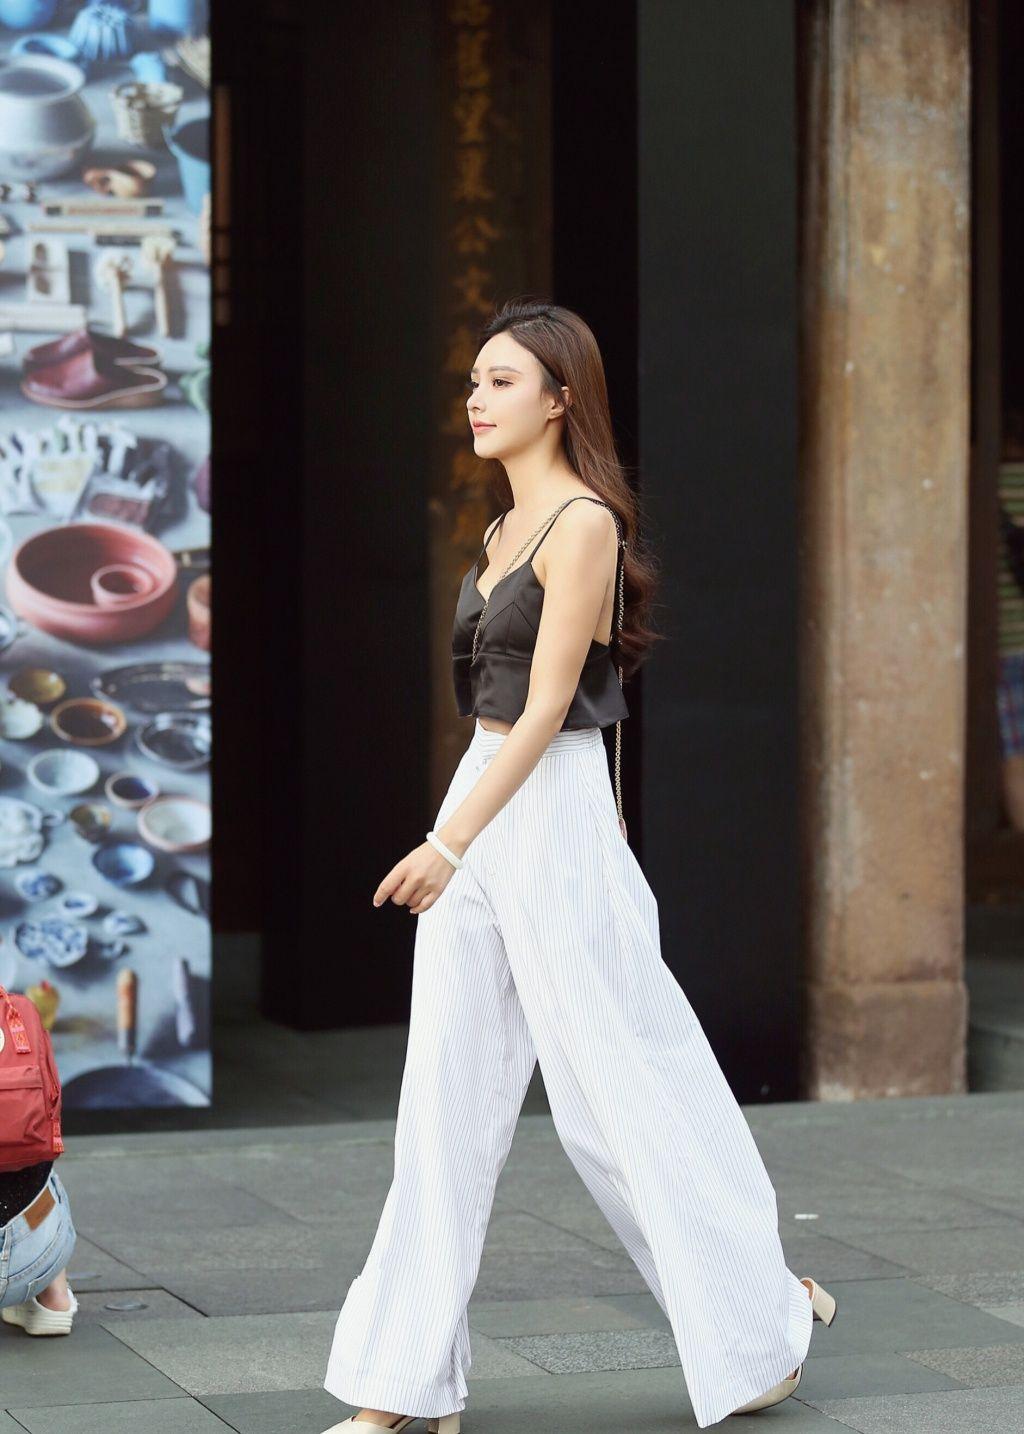 图1美女紧跟潮流,一件白色阔腿裤现身街头,长腿逆天令人惊叹